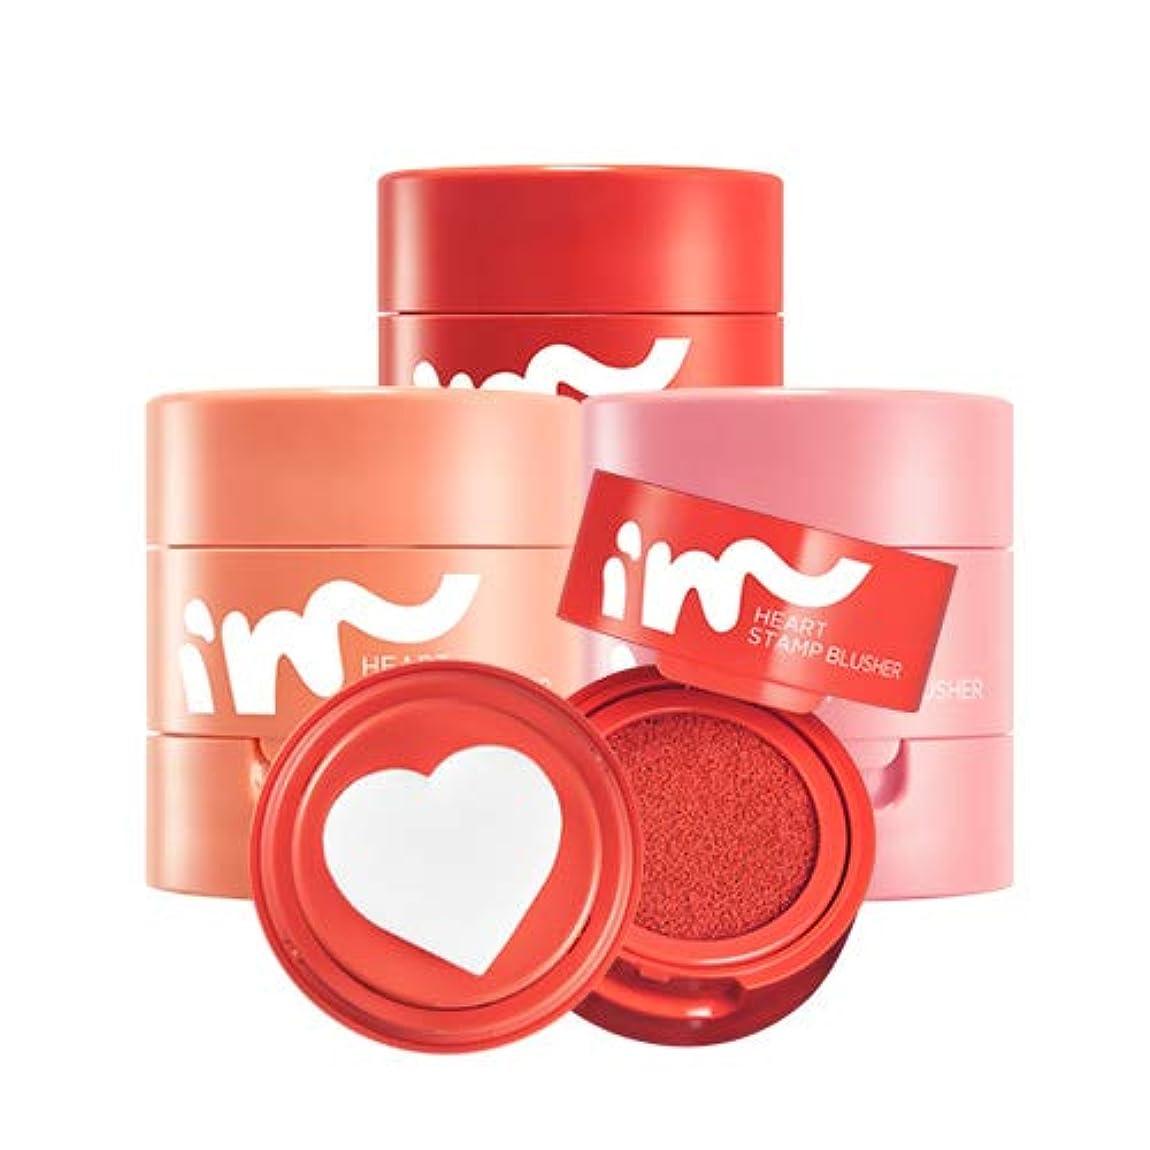 ひいきにするうまくやる()クローンI'M MEME アイムミミ アイム ハートスタンプチーク Heart Stamp Blusher (003 Blushed Pink) [並行輸入品]